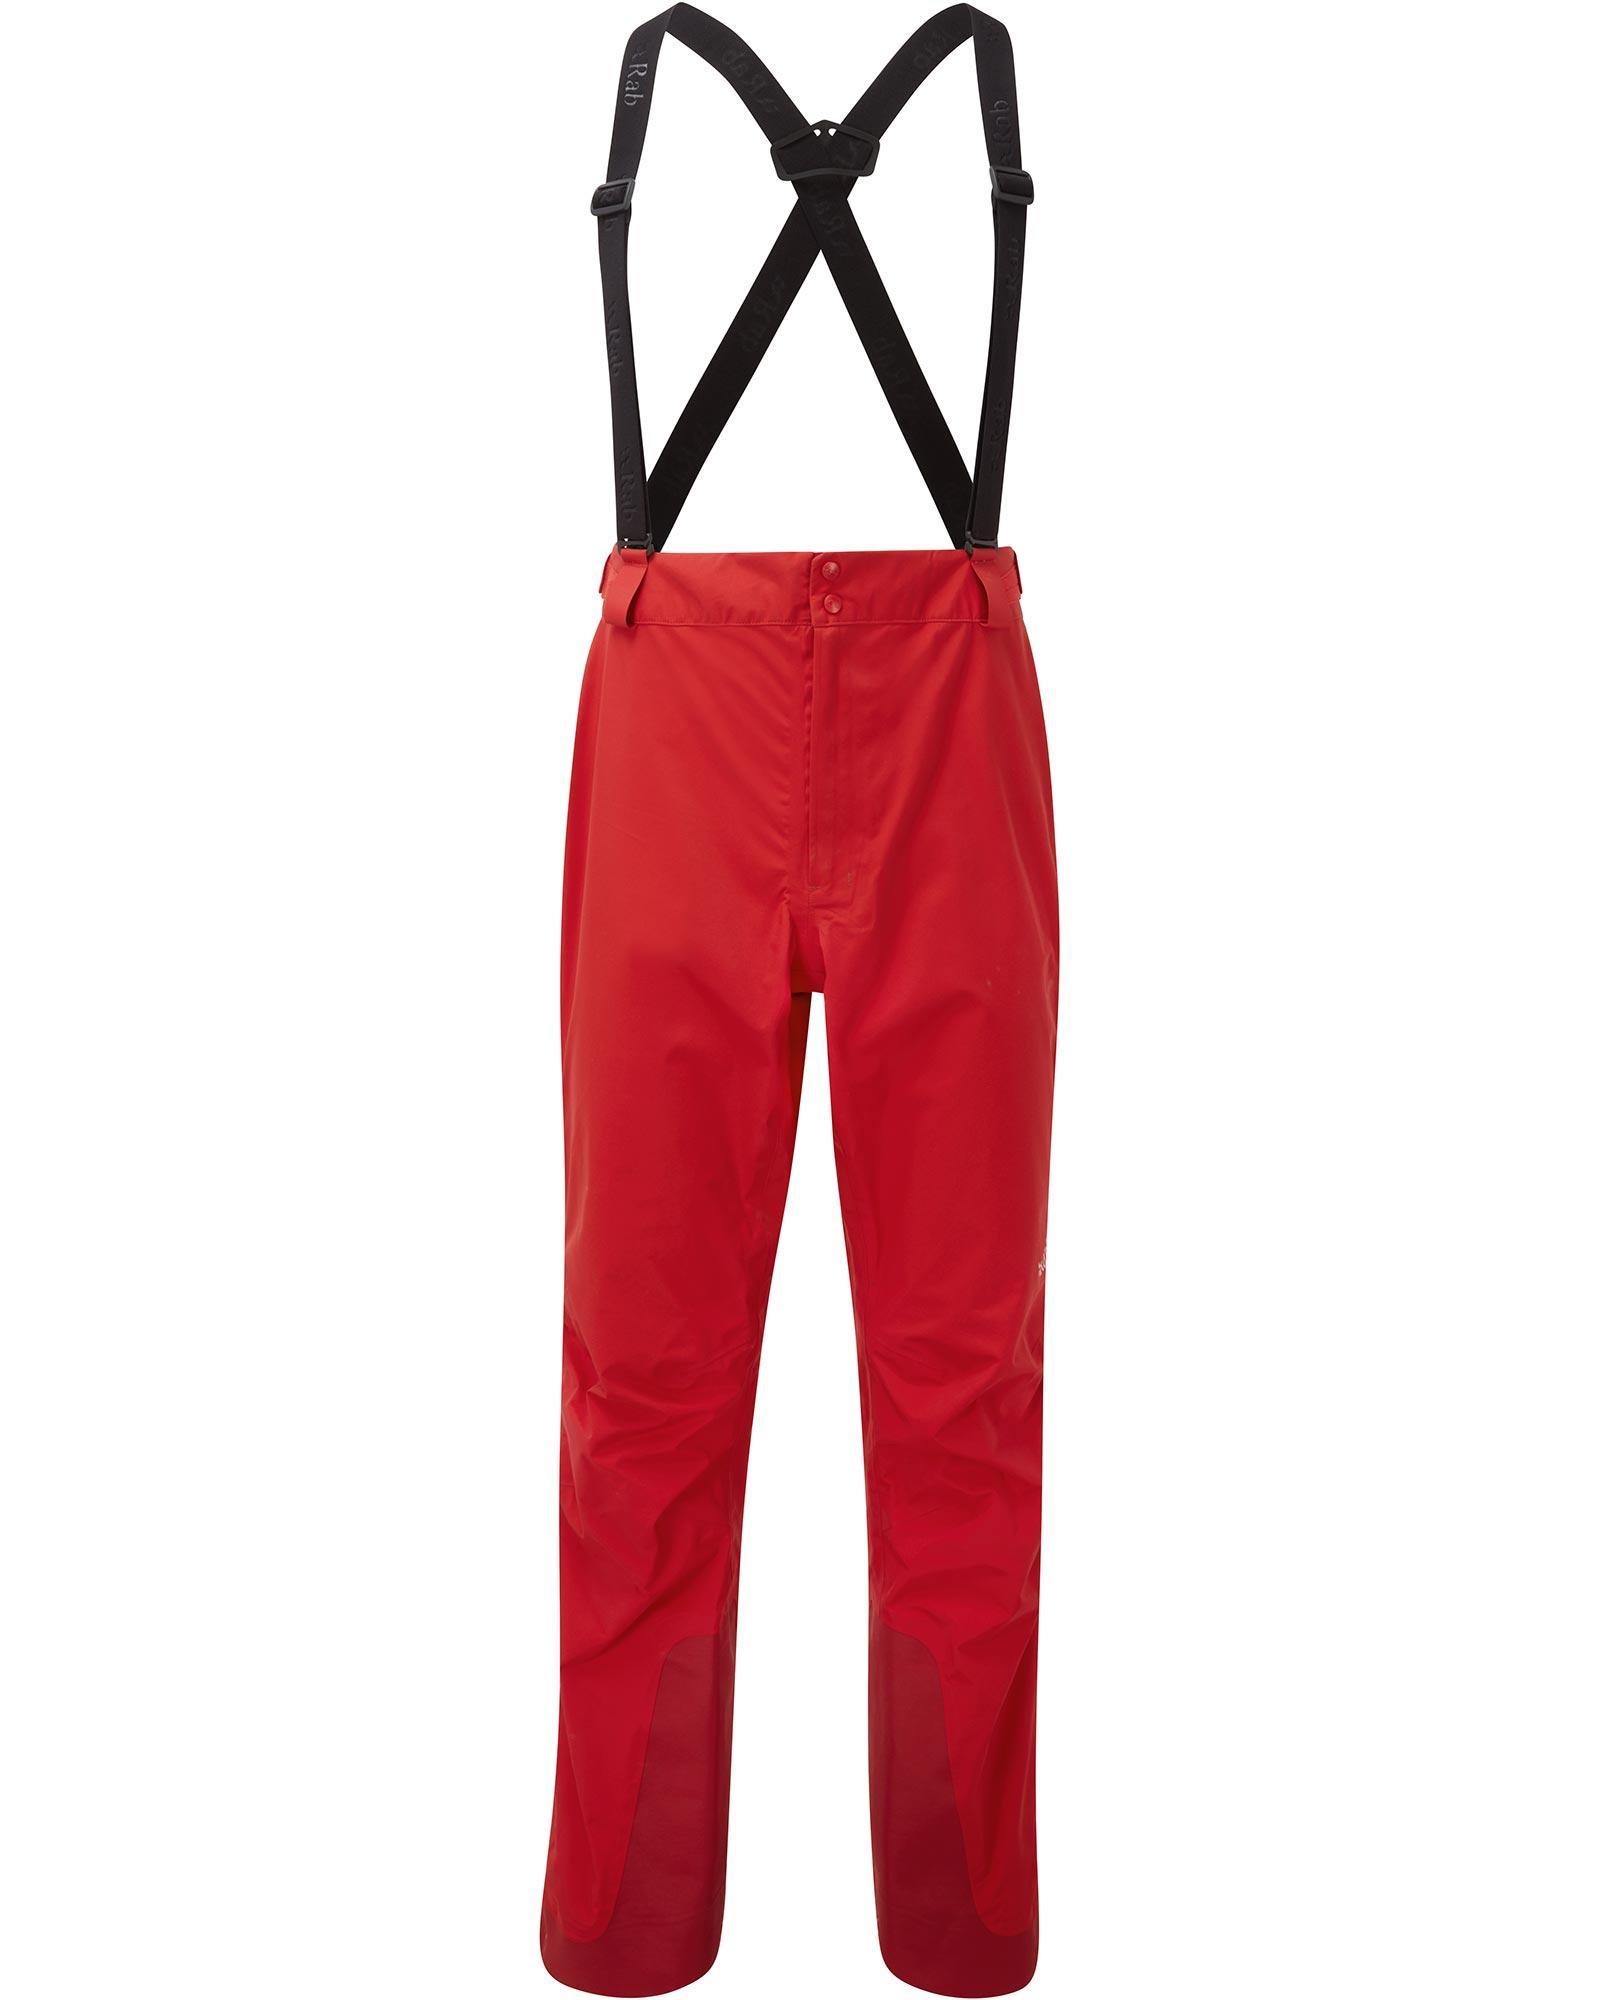 Rab Men's Muztag GORE-TEX Pants 0